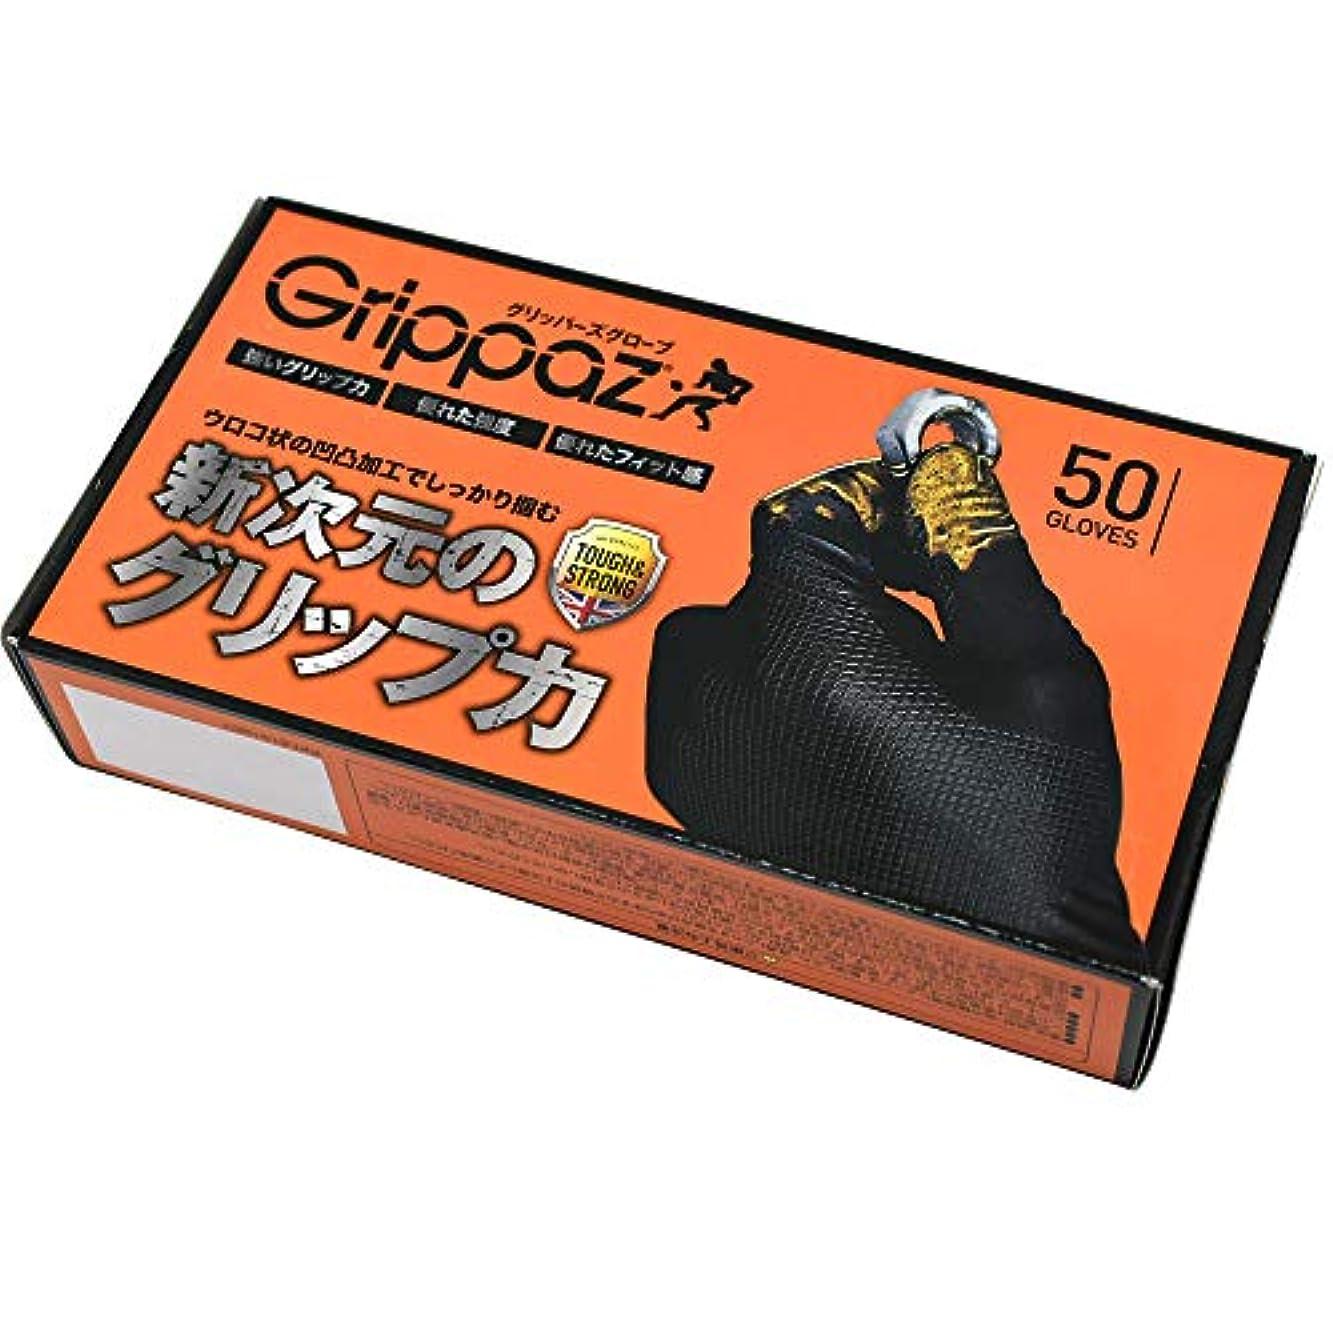 レタッチ知人デクリメント原田産業 ニトリル手袋 グリッパーズグローブ 50枚入 XLサイズ パウダーフリー 左右兼用 自動車整備 メンテナンス